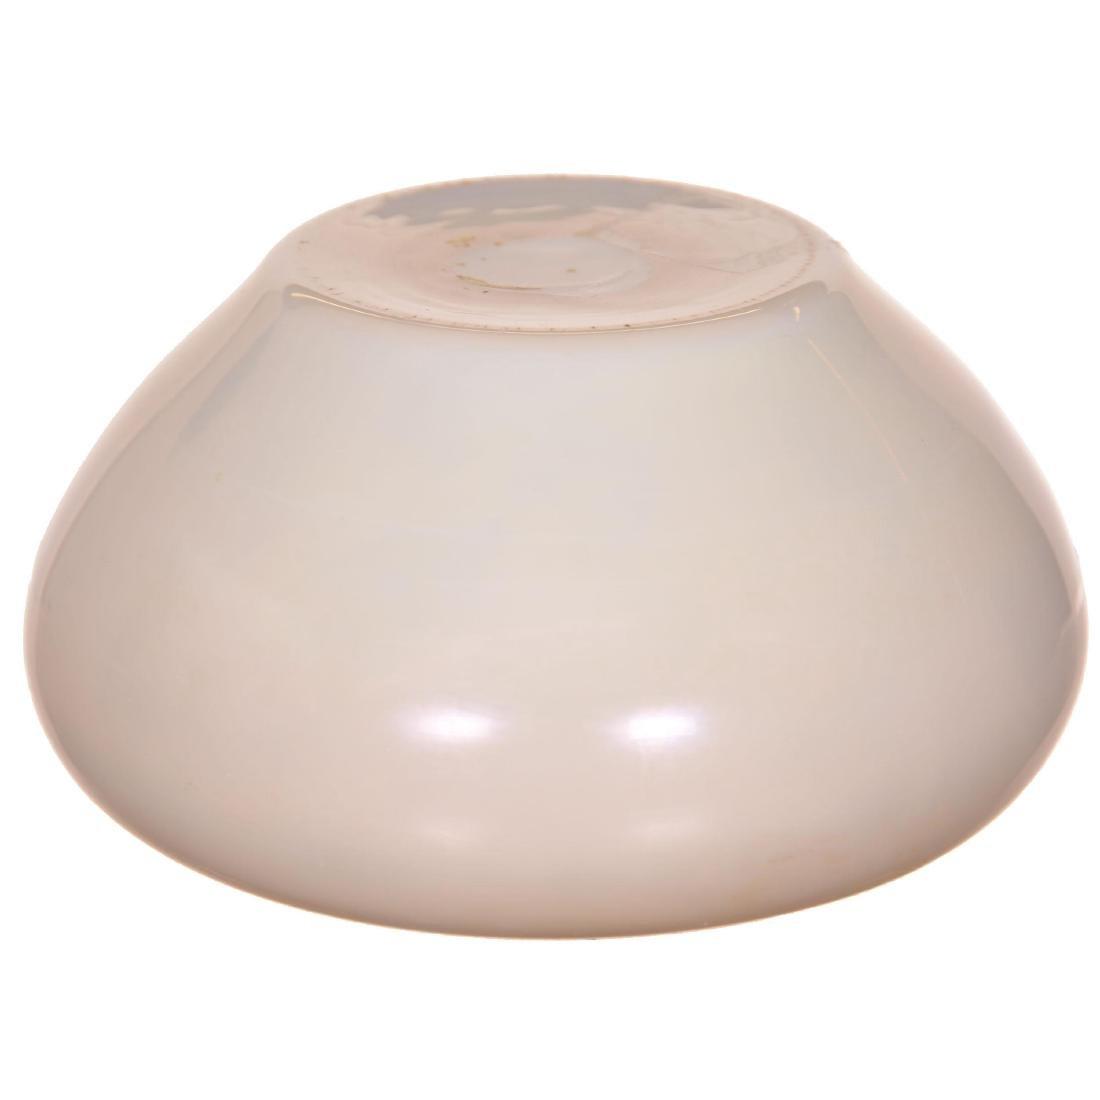 Steuben Art Glass Bowl - 2